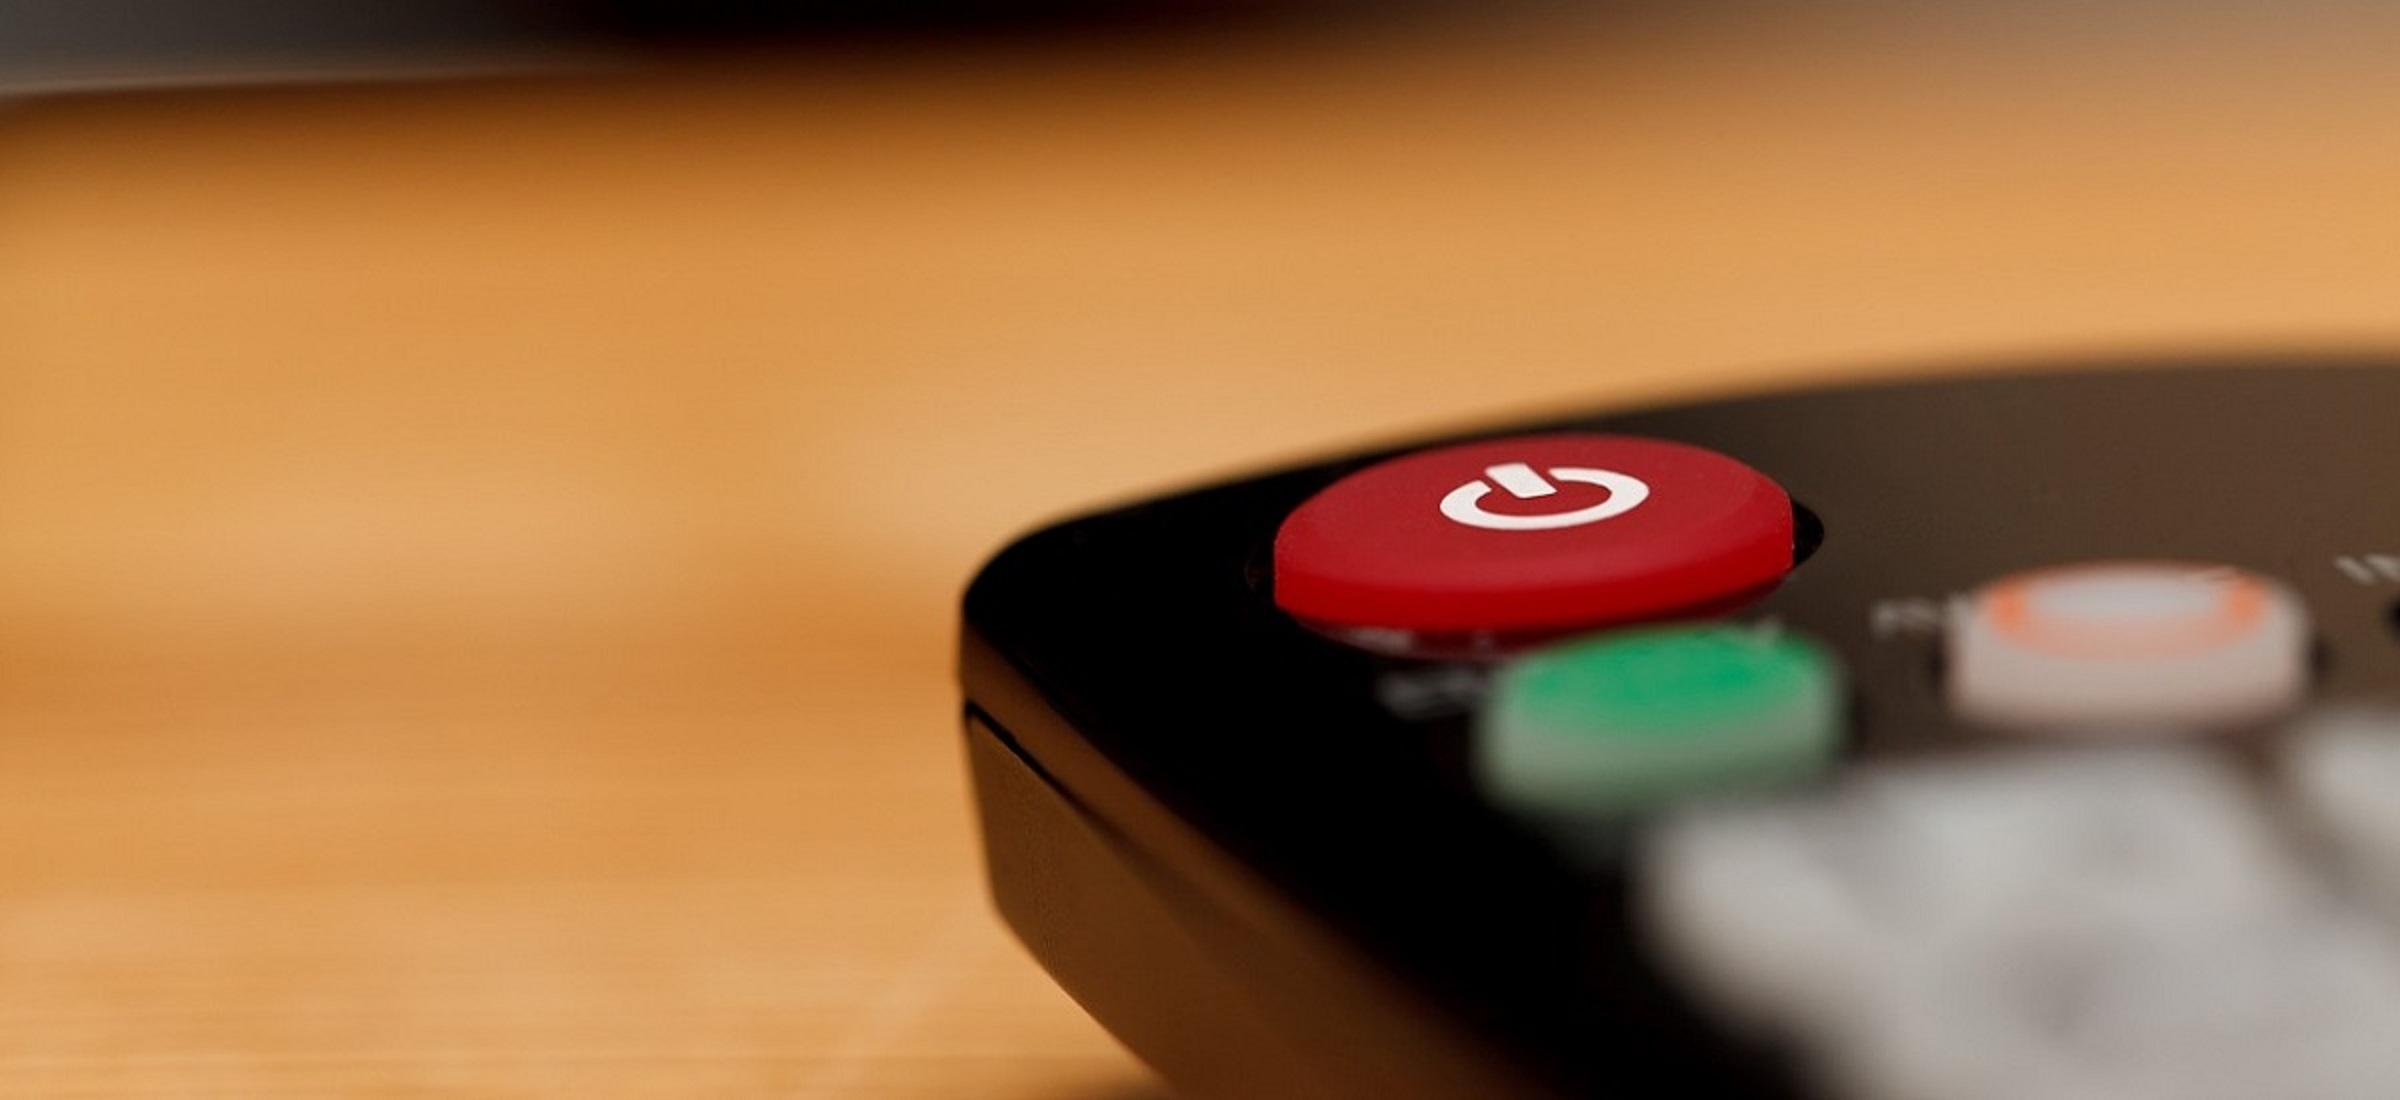 Cyfrowy Polsat Za Darmo 30 Kanalow Dla Abonentow I Klientow Ipla Plus